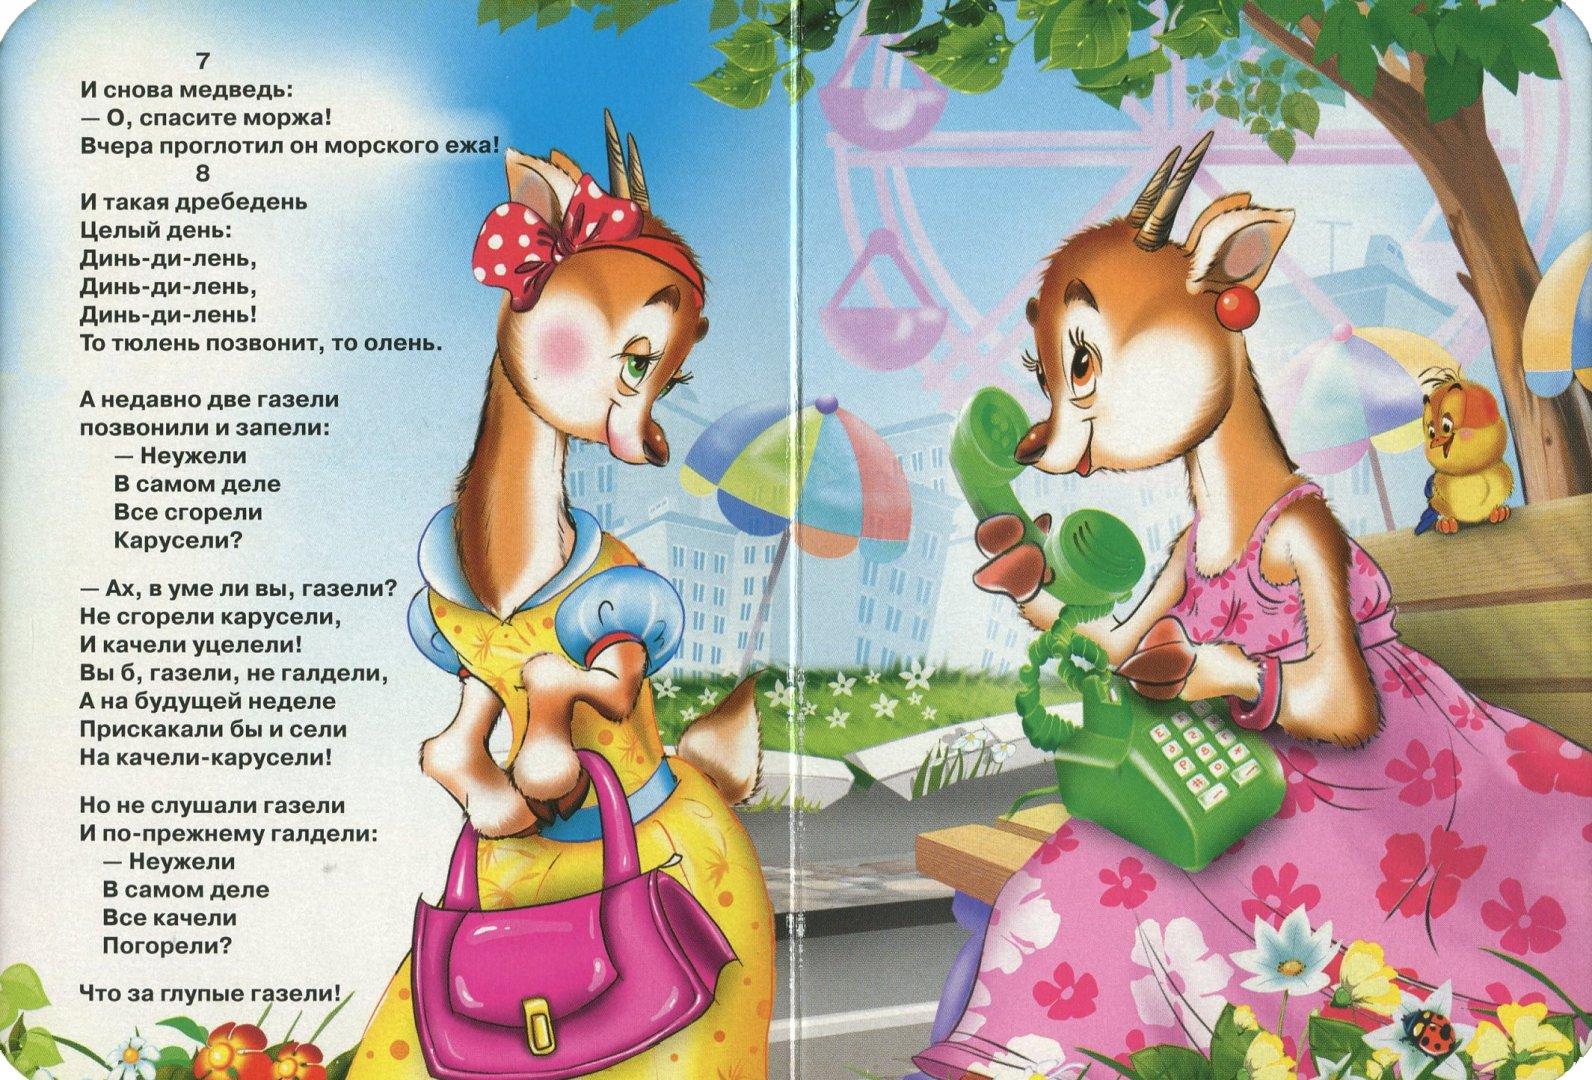 Иллюстрация 1 из 10 для Телефон - Корней Чуковский   Лабиринт - книги. Источник: Лабиринт